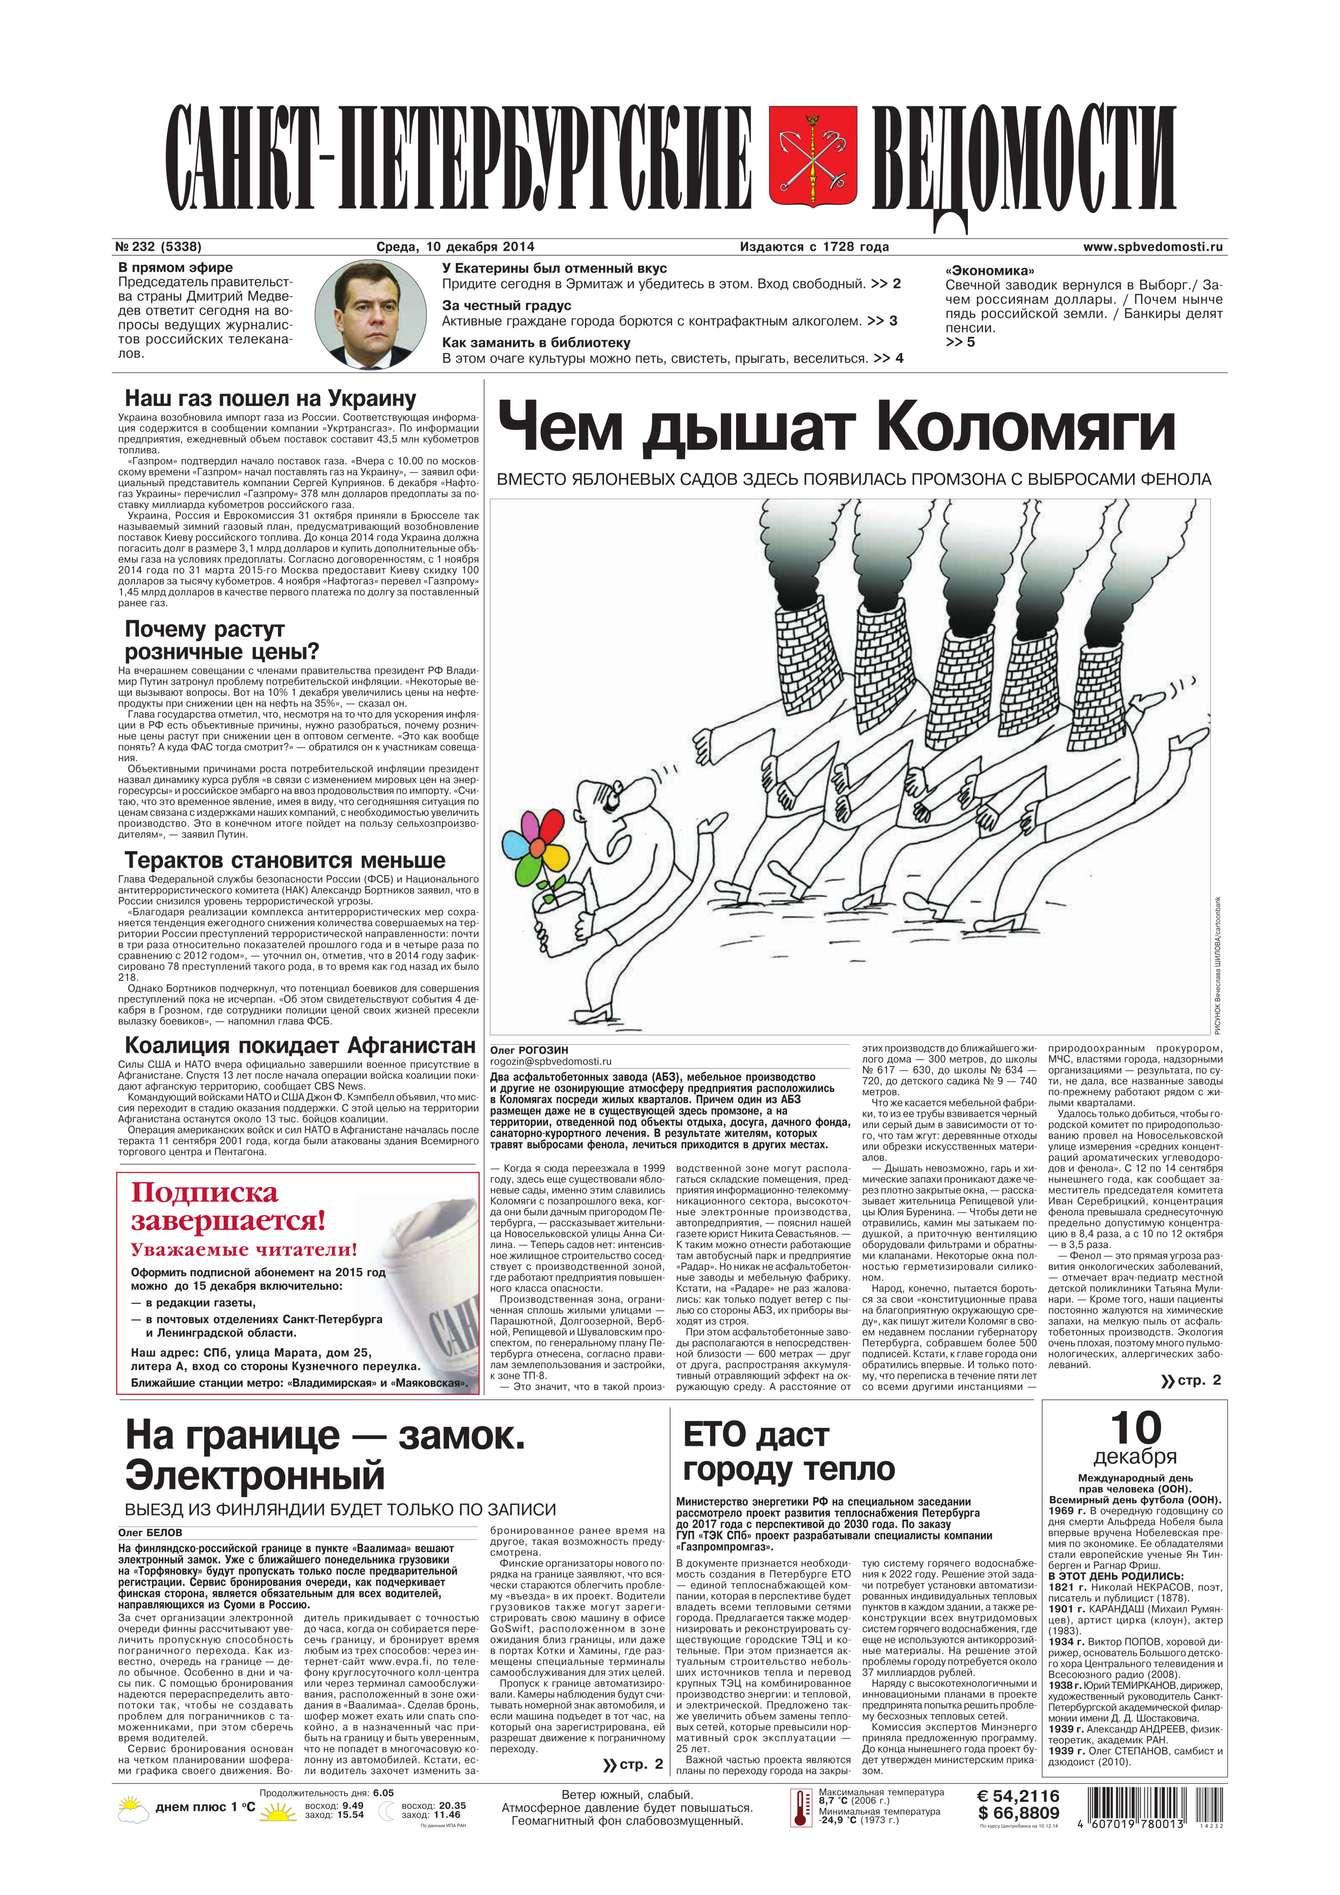 Санкт-Петербургские ведомости 232-2014